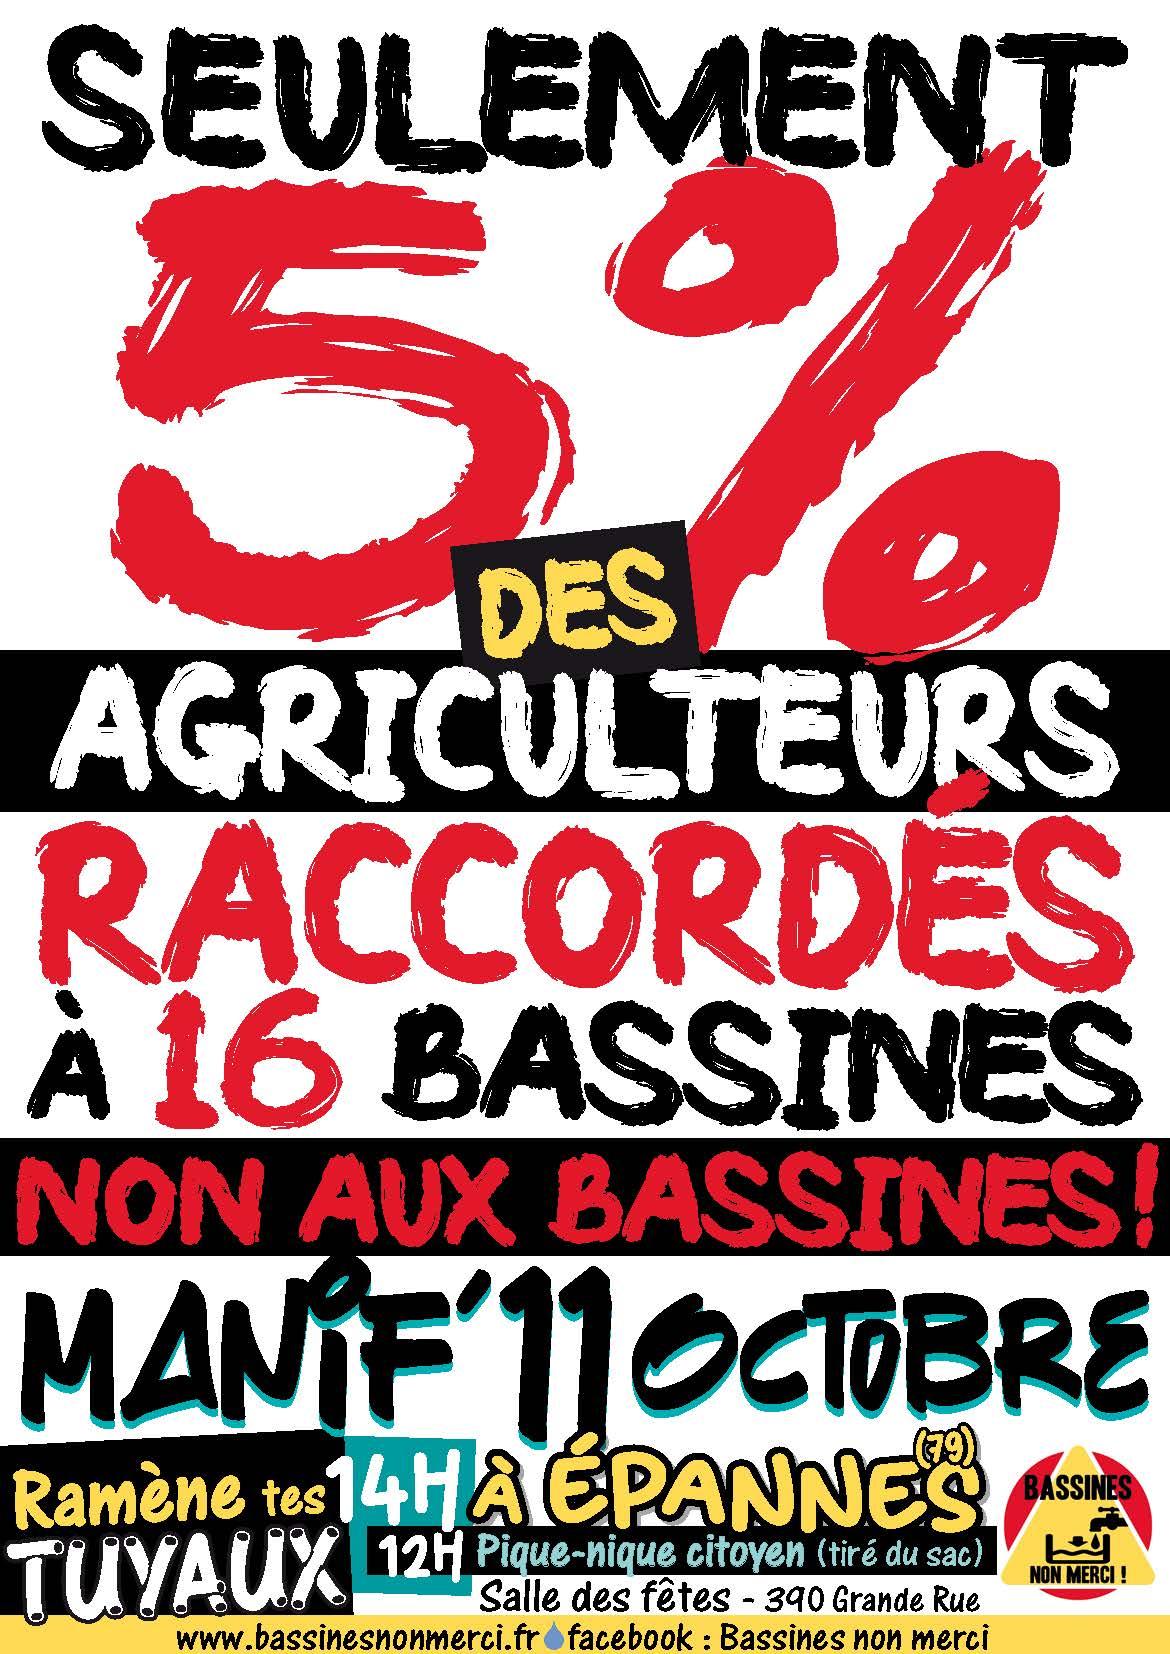 maquette affiche 11 octobre Bassines_Page_4.jpg